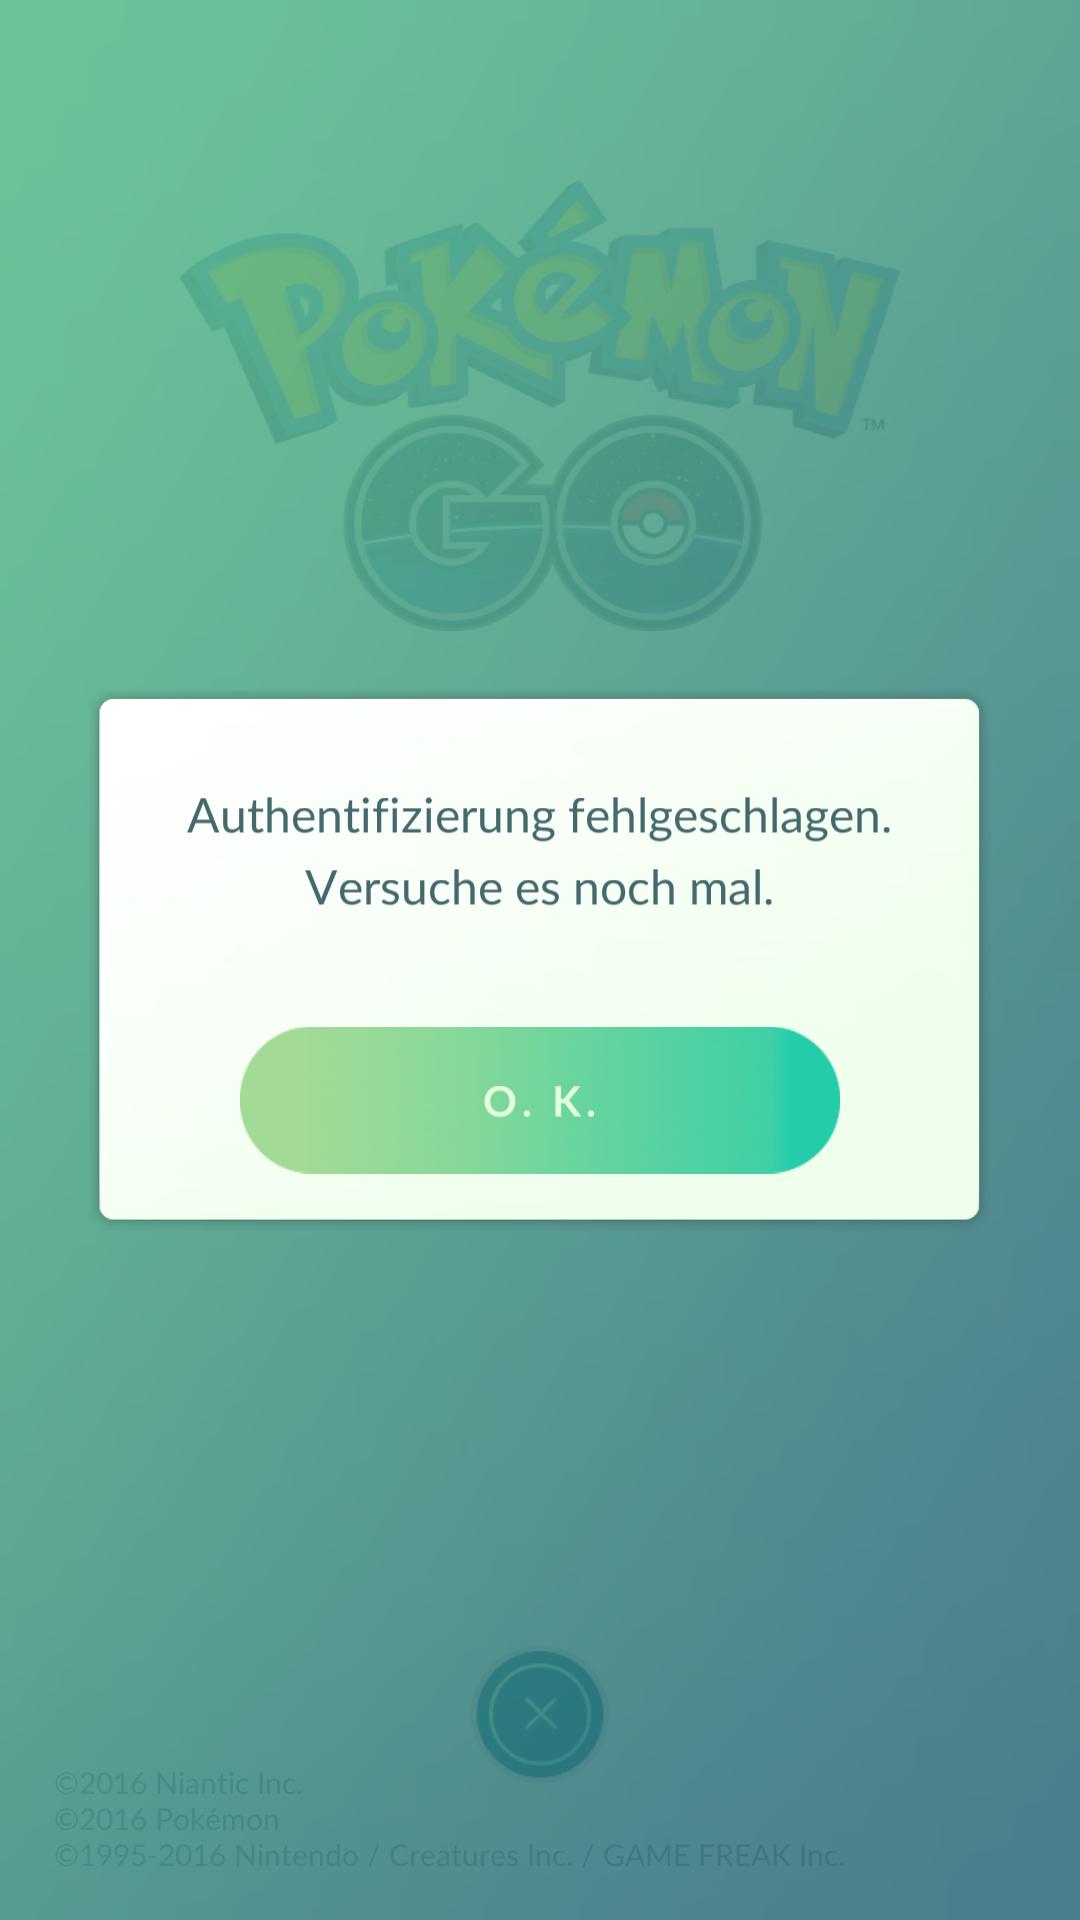 Instagram App öffnet Nicht